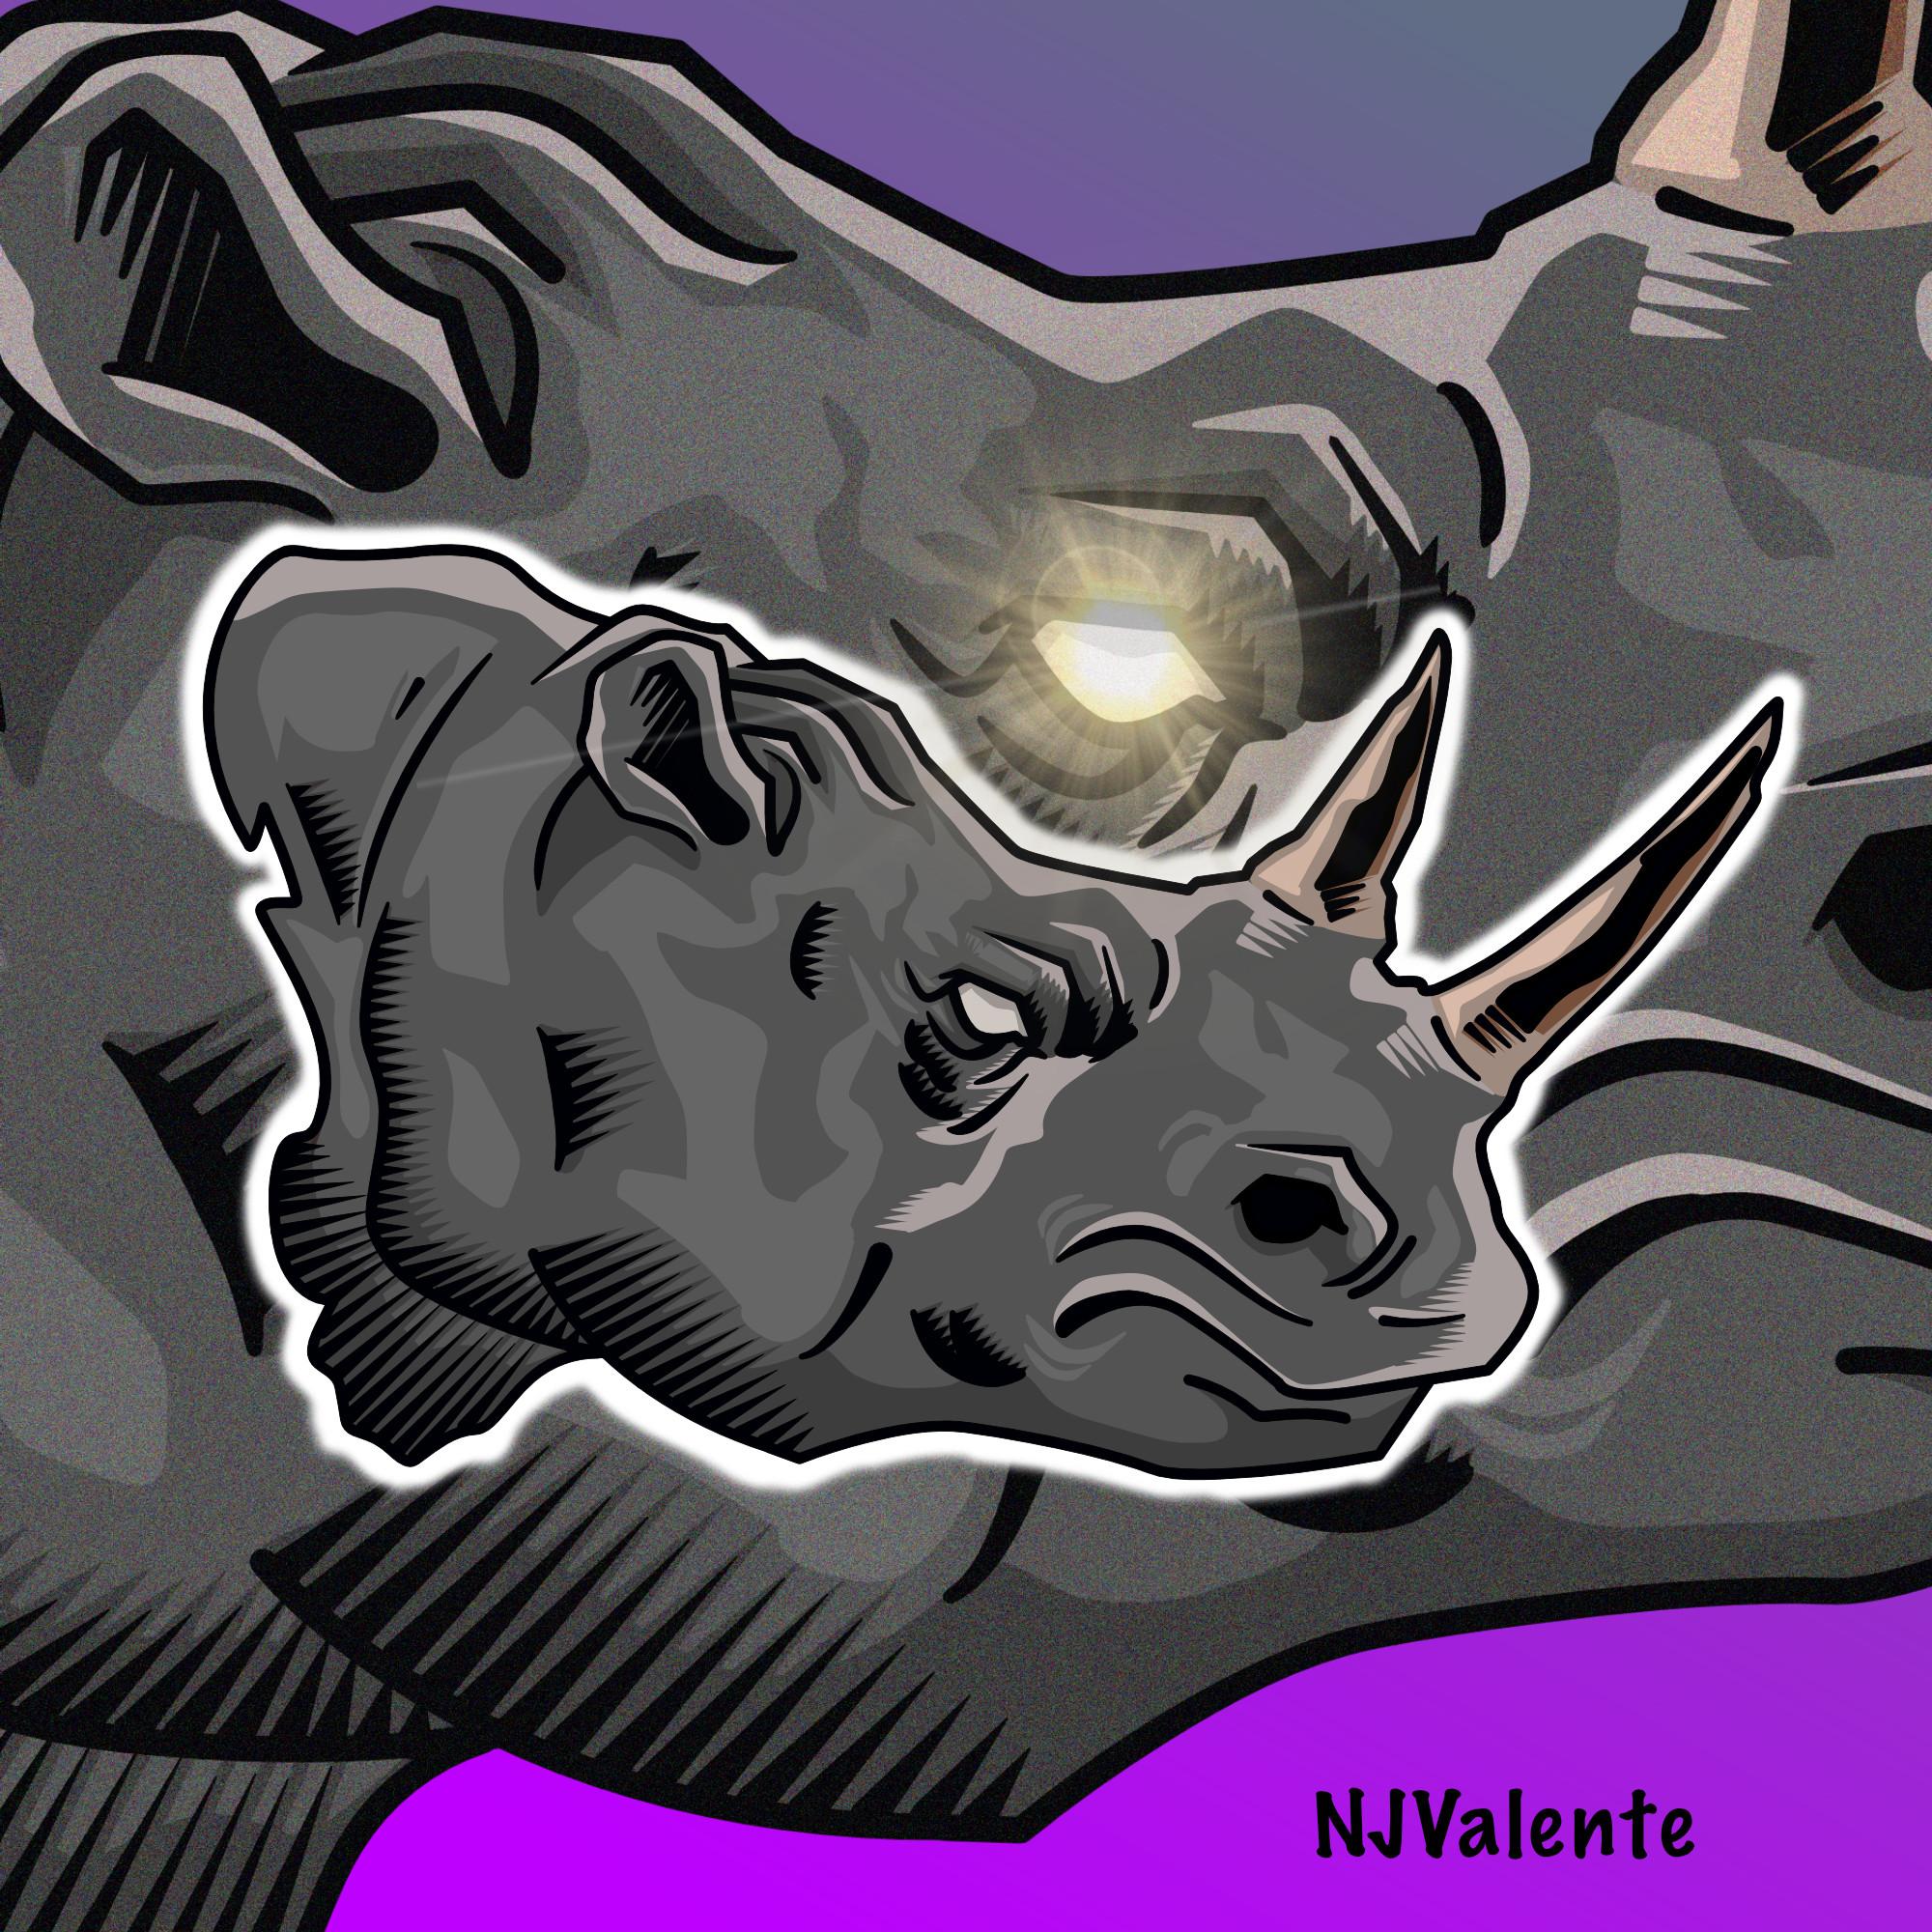 Vector illustration for merchandise development.